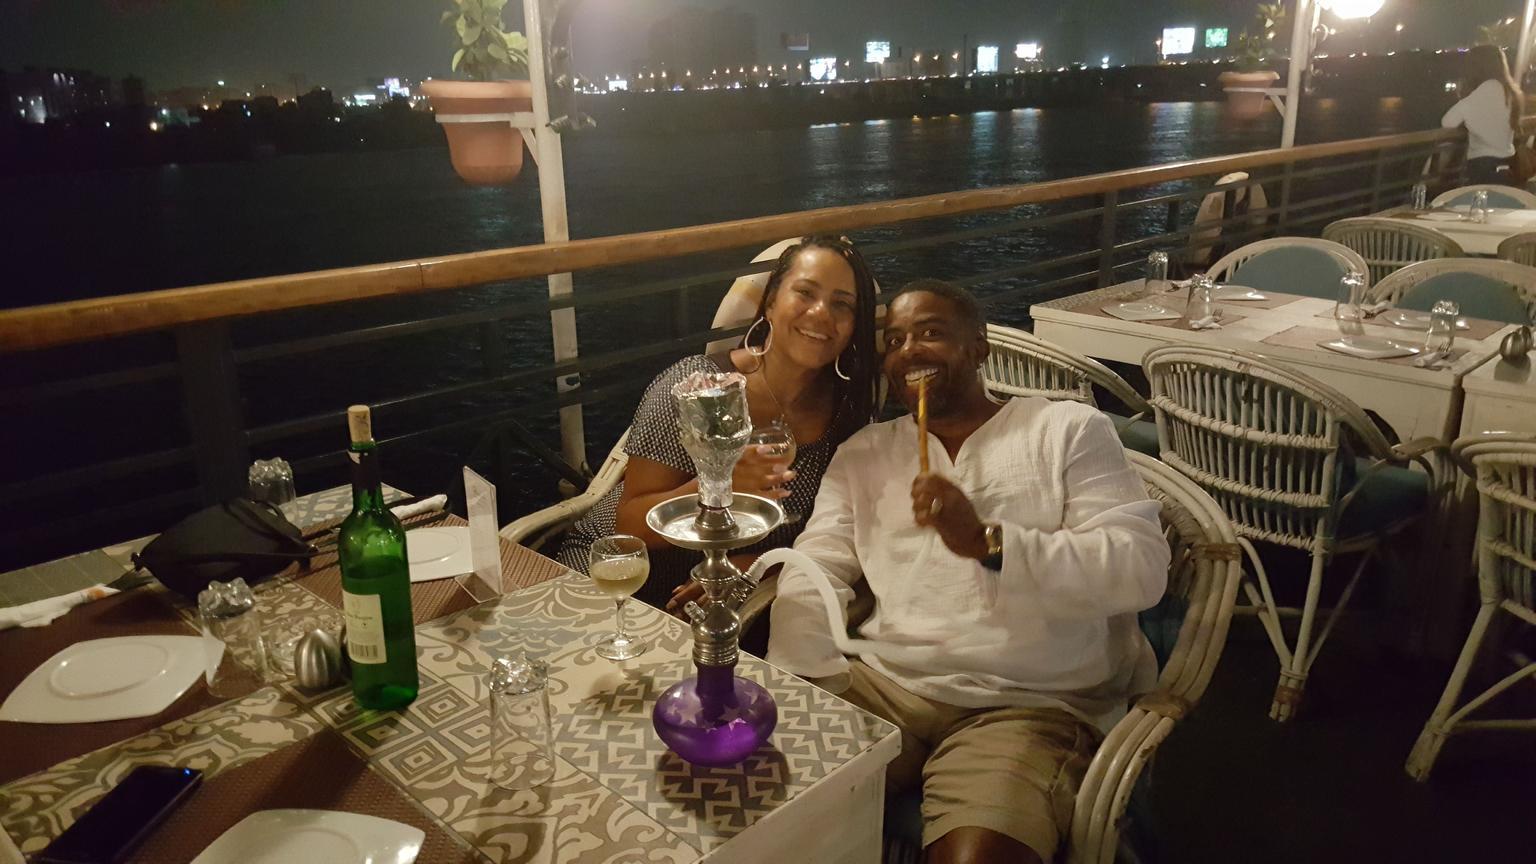 MÁS FOTOS, Crucero con cena por el Nilo en El Cairo con espectáculo de danza del vientre y traslado al hotel